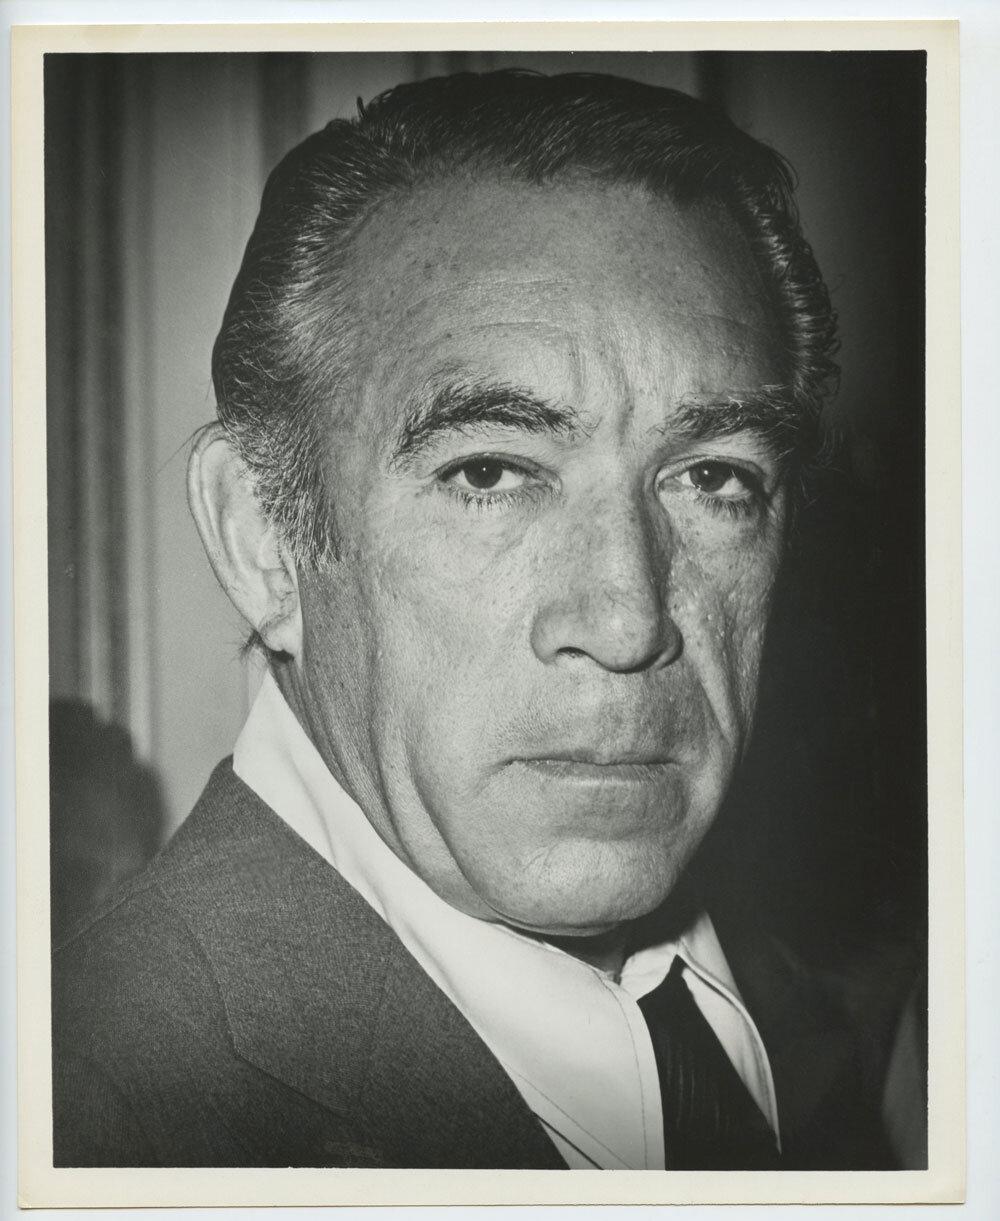 Anthony Quinn Photograph 1950s Publicity Promo Original Vintage